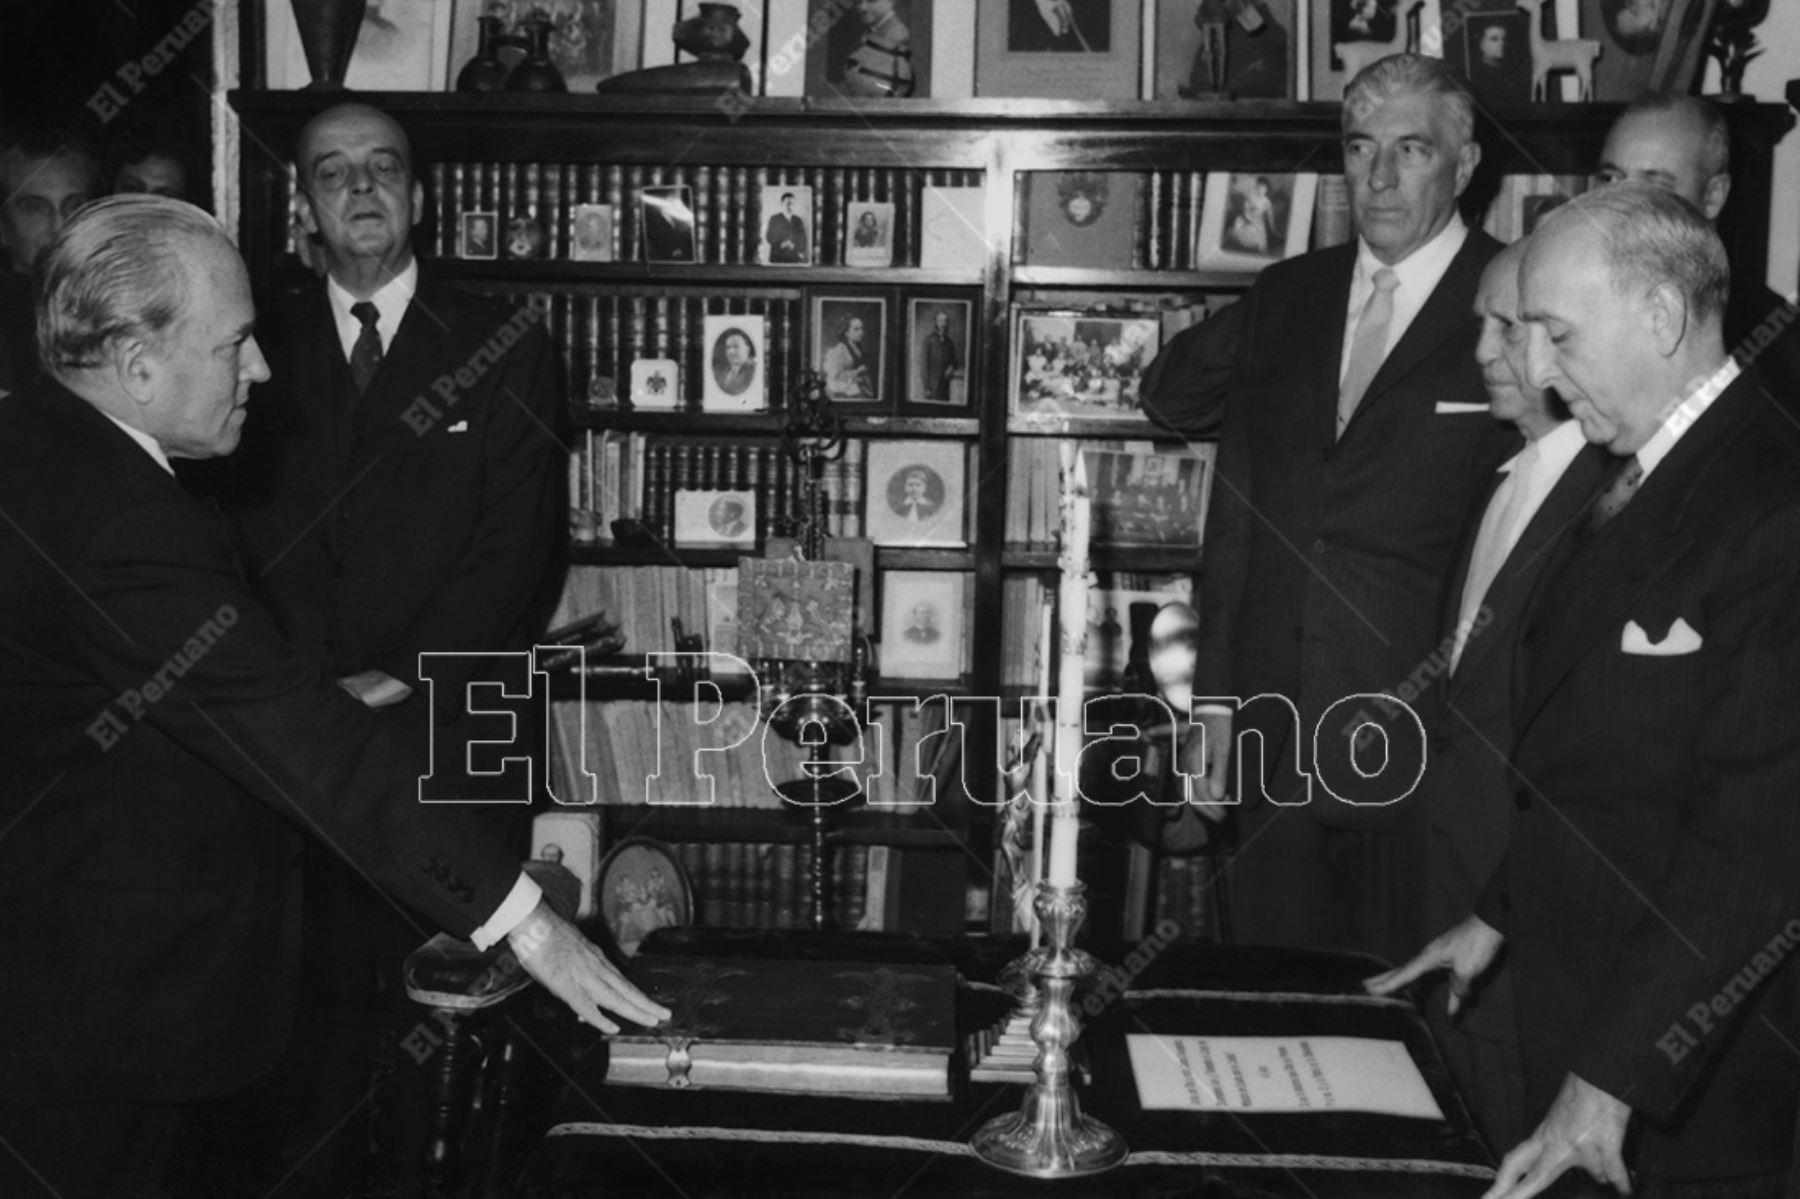 Lima - 10 junio 1958 / Raúl Porras Barrenechea, presta juramento ante el presidente Manuel Prado. Debido a su enfermedad, el nuevo canciller tuvo que jurar en su residencia, en un hecho sin precedentes en nuestra historia republicana.  Foto: Archivo Histórico de El Peruano